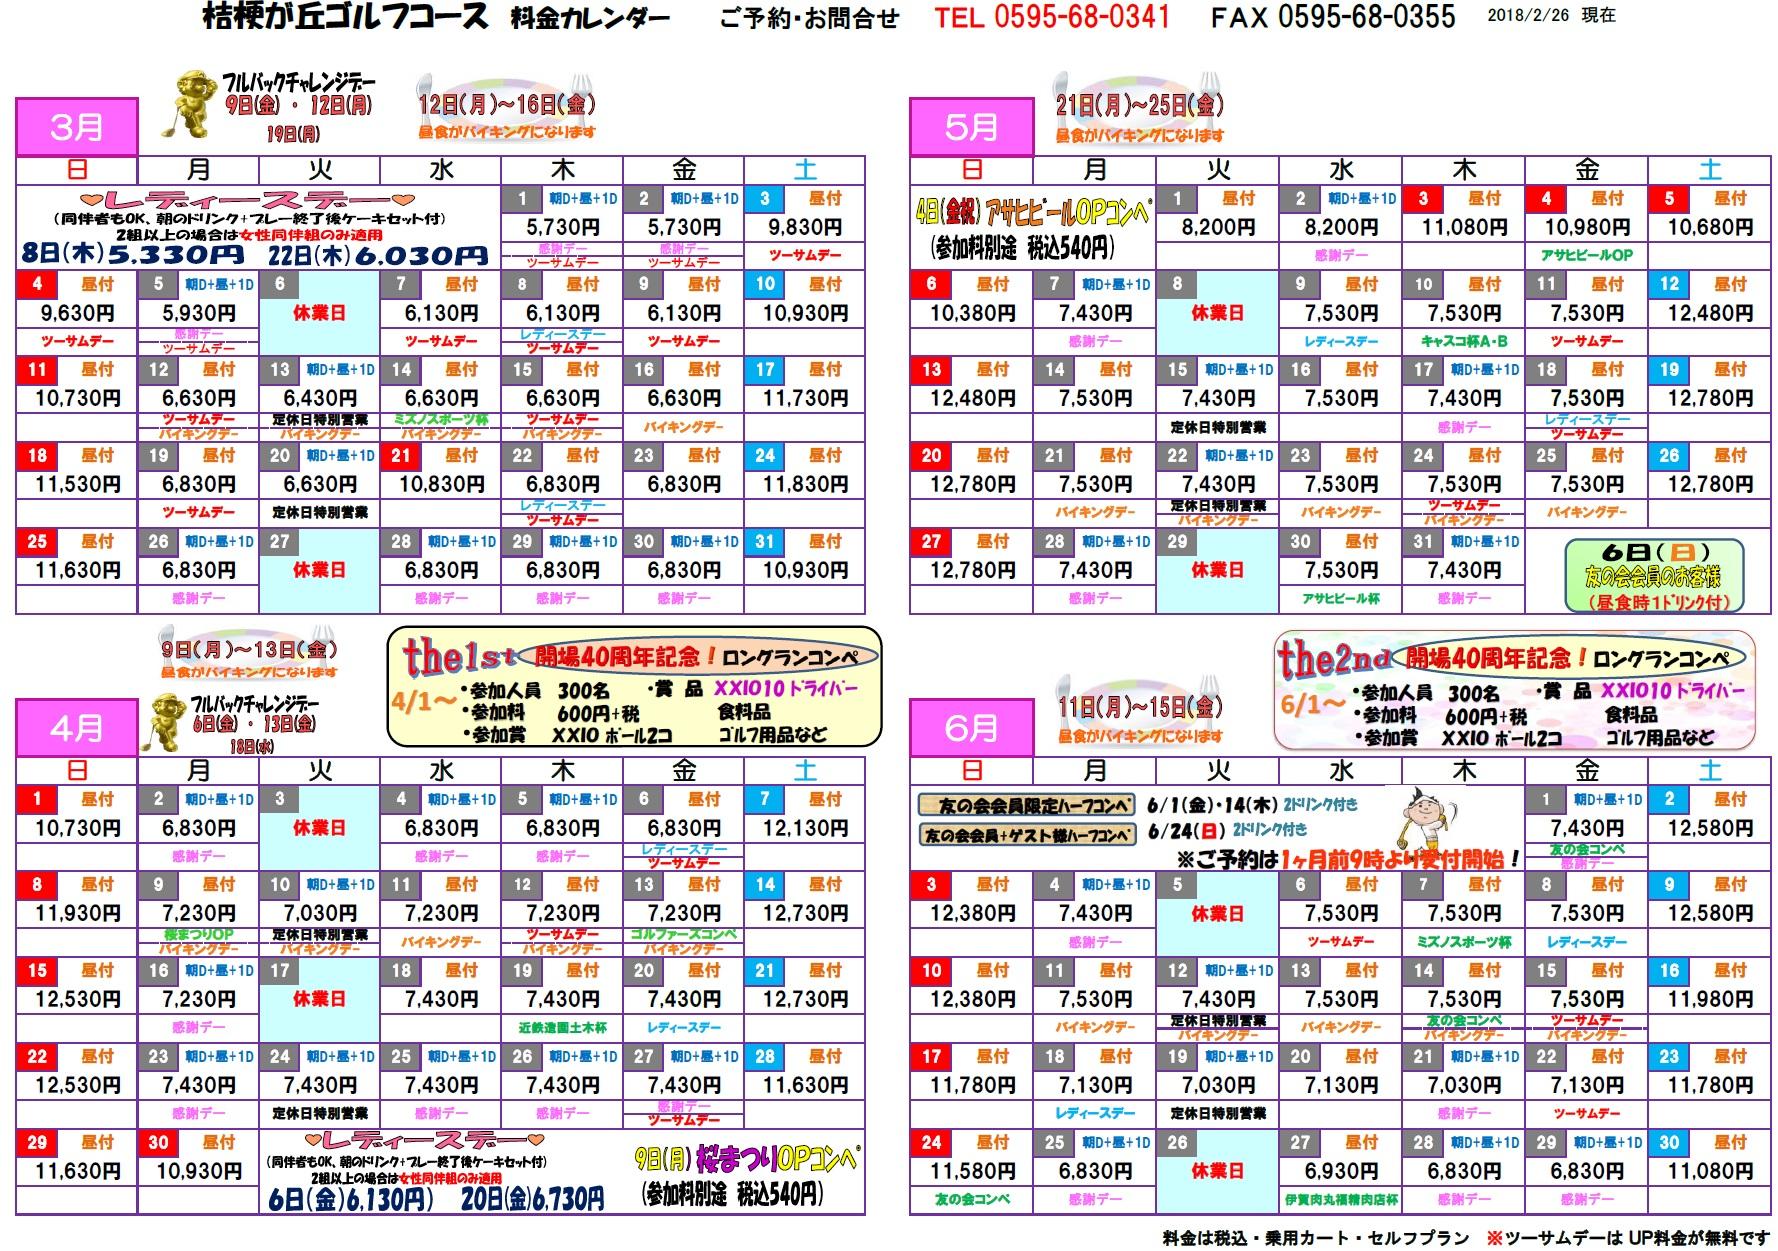 桔梗6月まで20180227